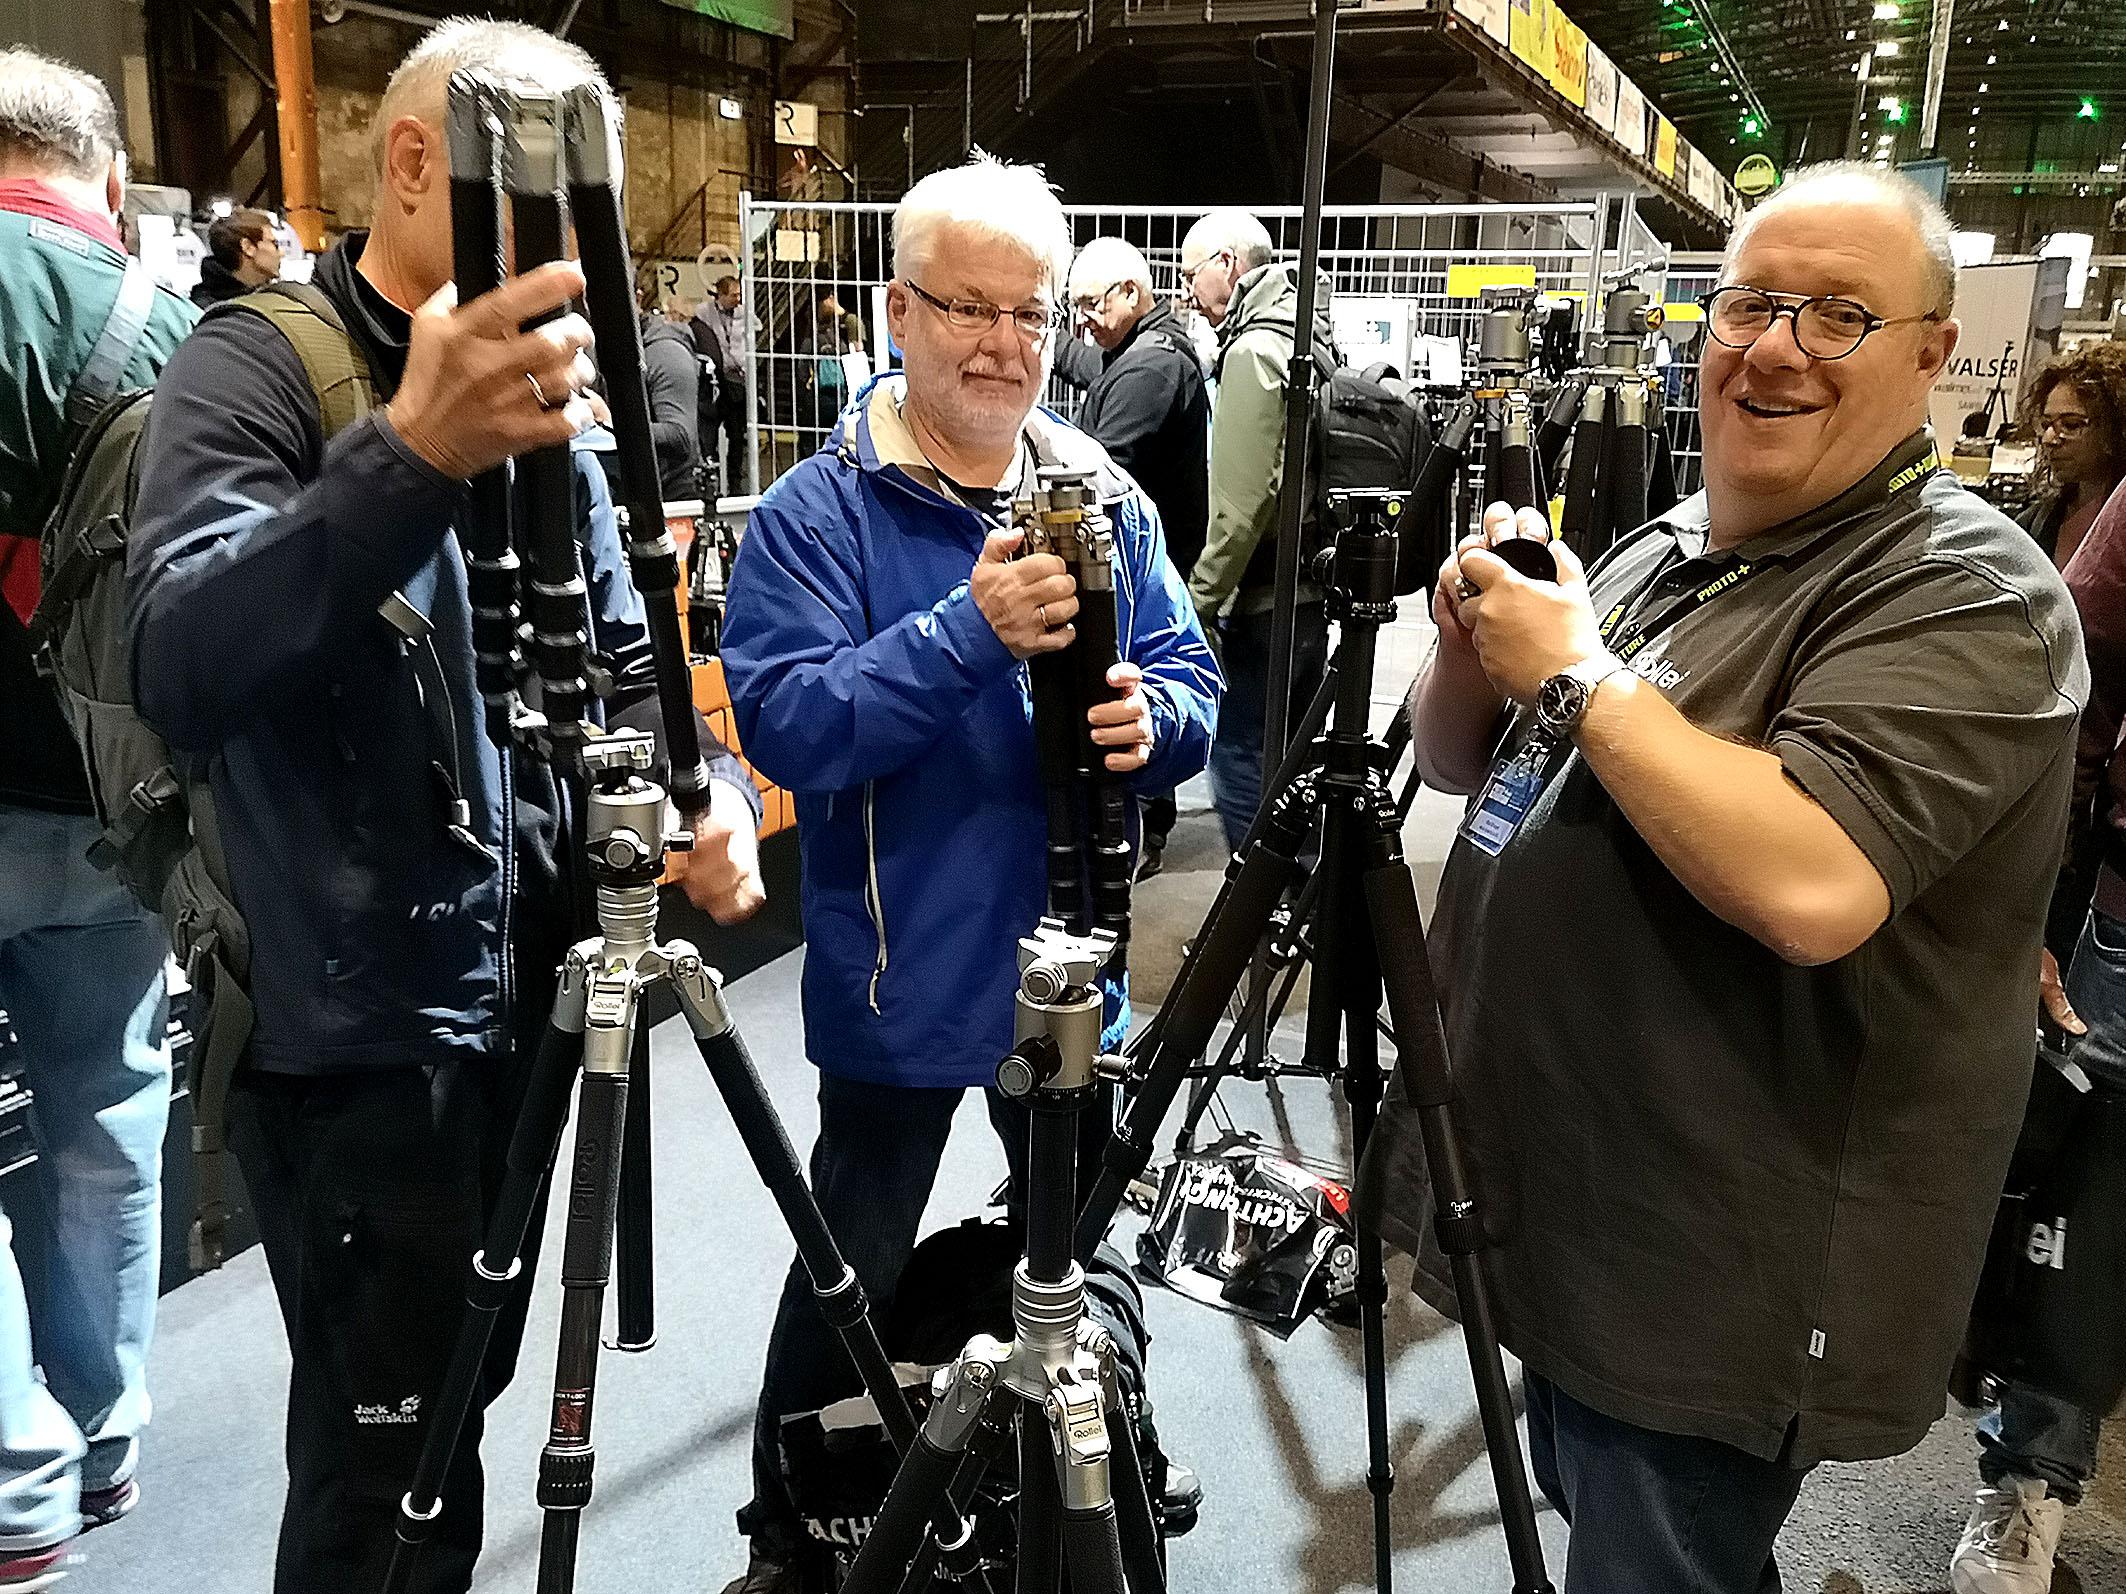 Drei Fotofreunde inspizierten die ausgestellten Stative. Foto: Michael B. Rehders